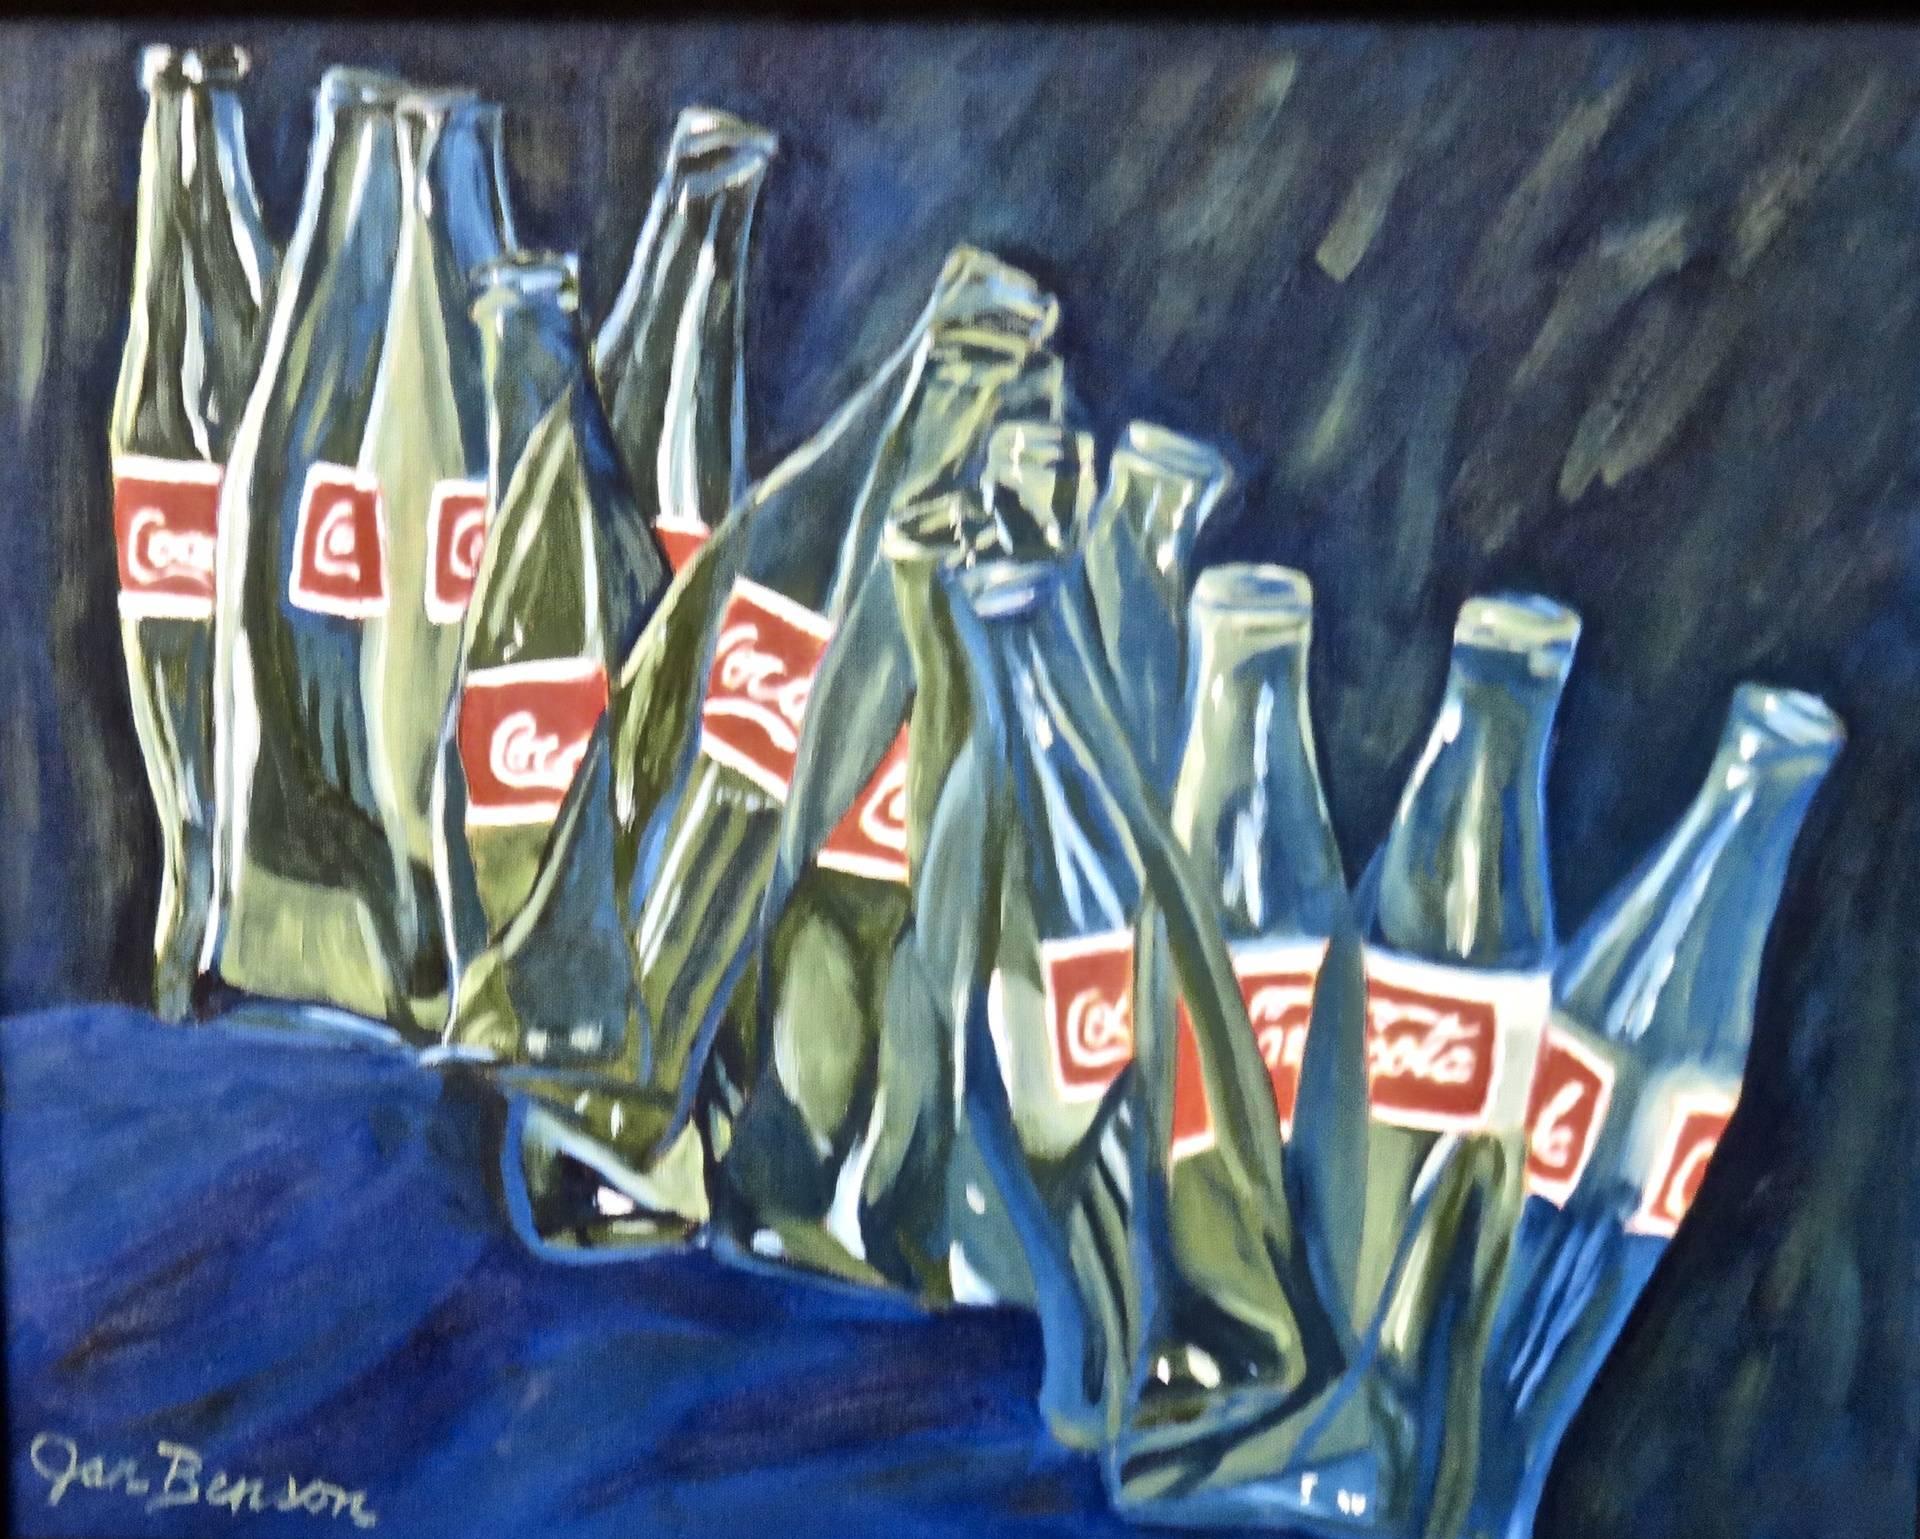 Bottles Descending